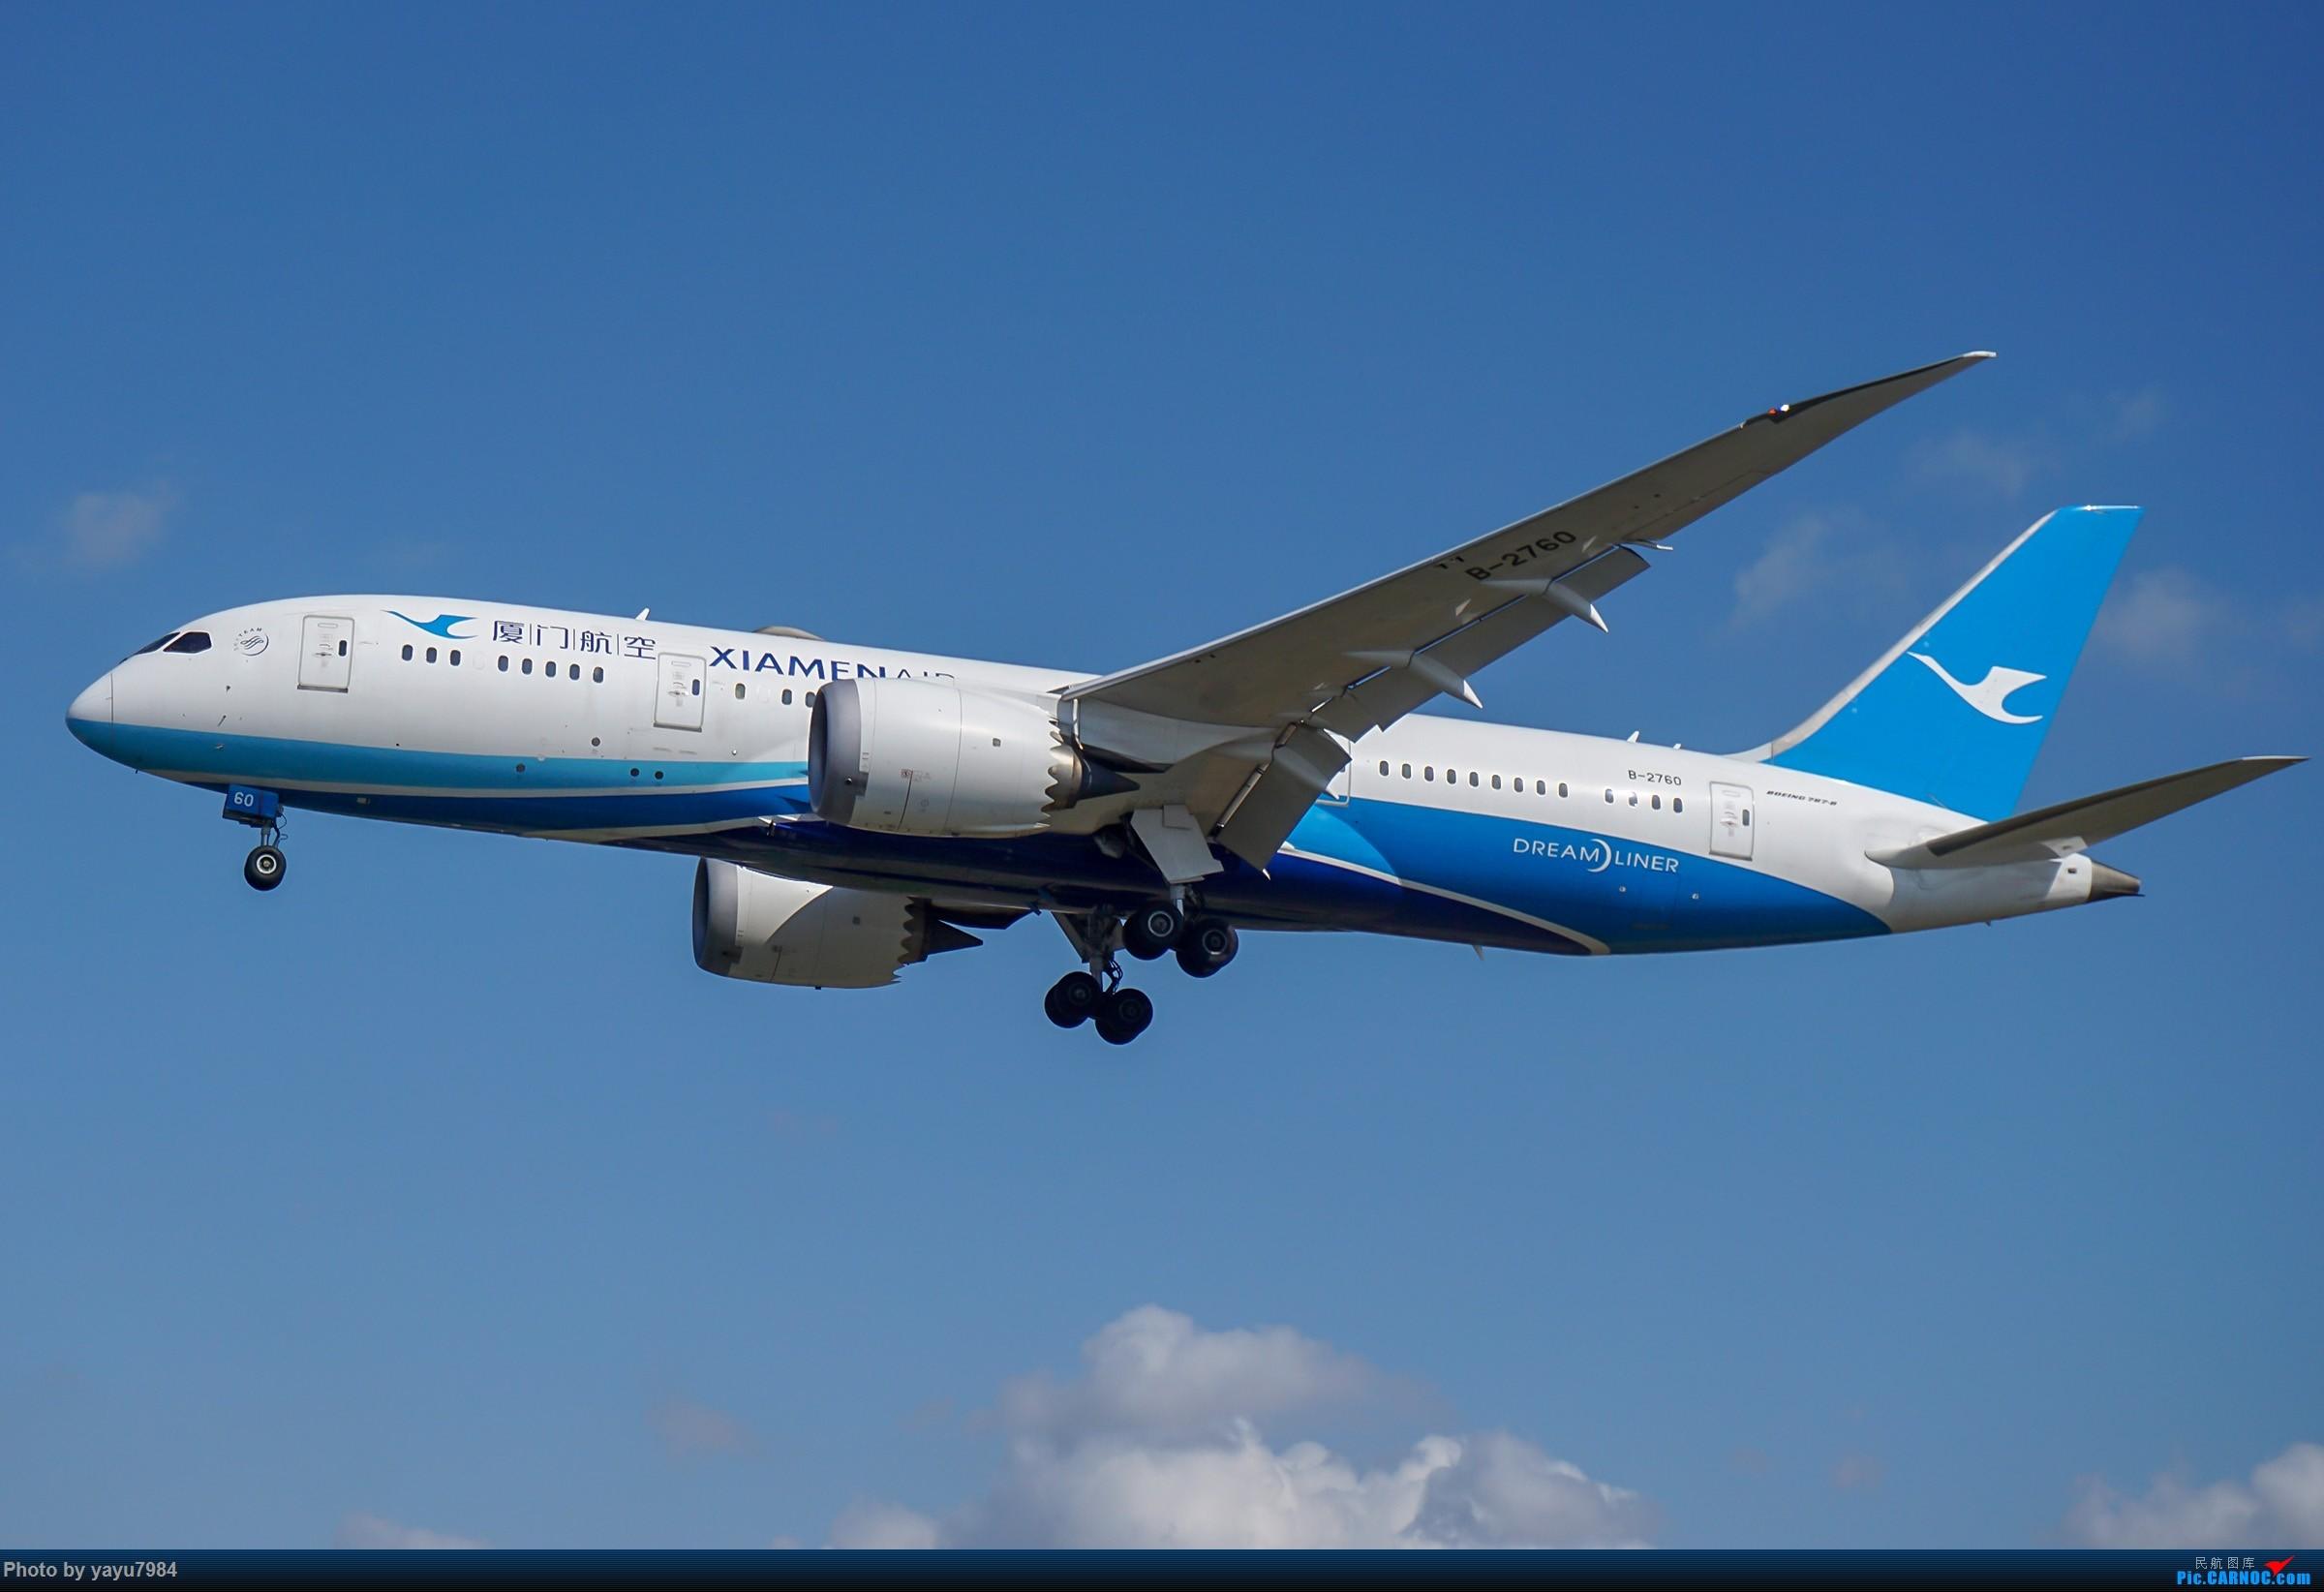 Re:[原创][SYD] 东航天合332,雪绒花343,华航蓝鹊,以及其他日常货 BOEING 787-8 B-2760 澳大利亚悉尼金斯福德·史密斯机场